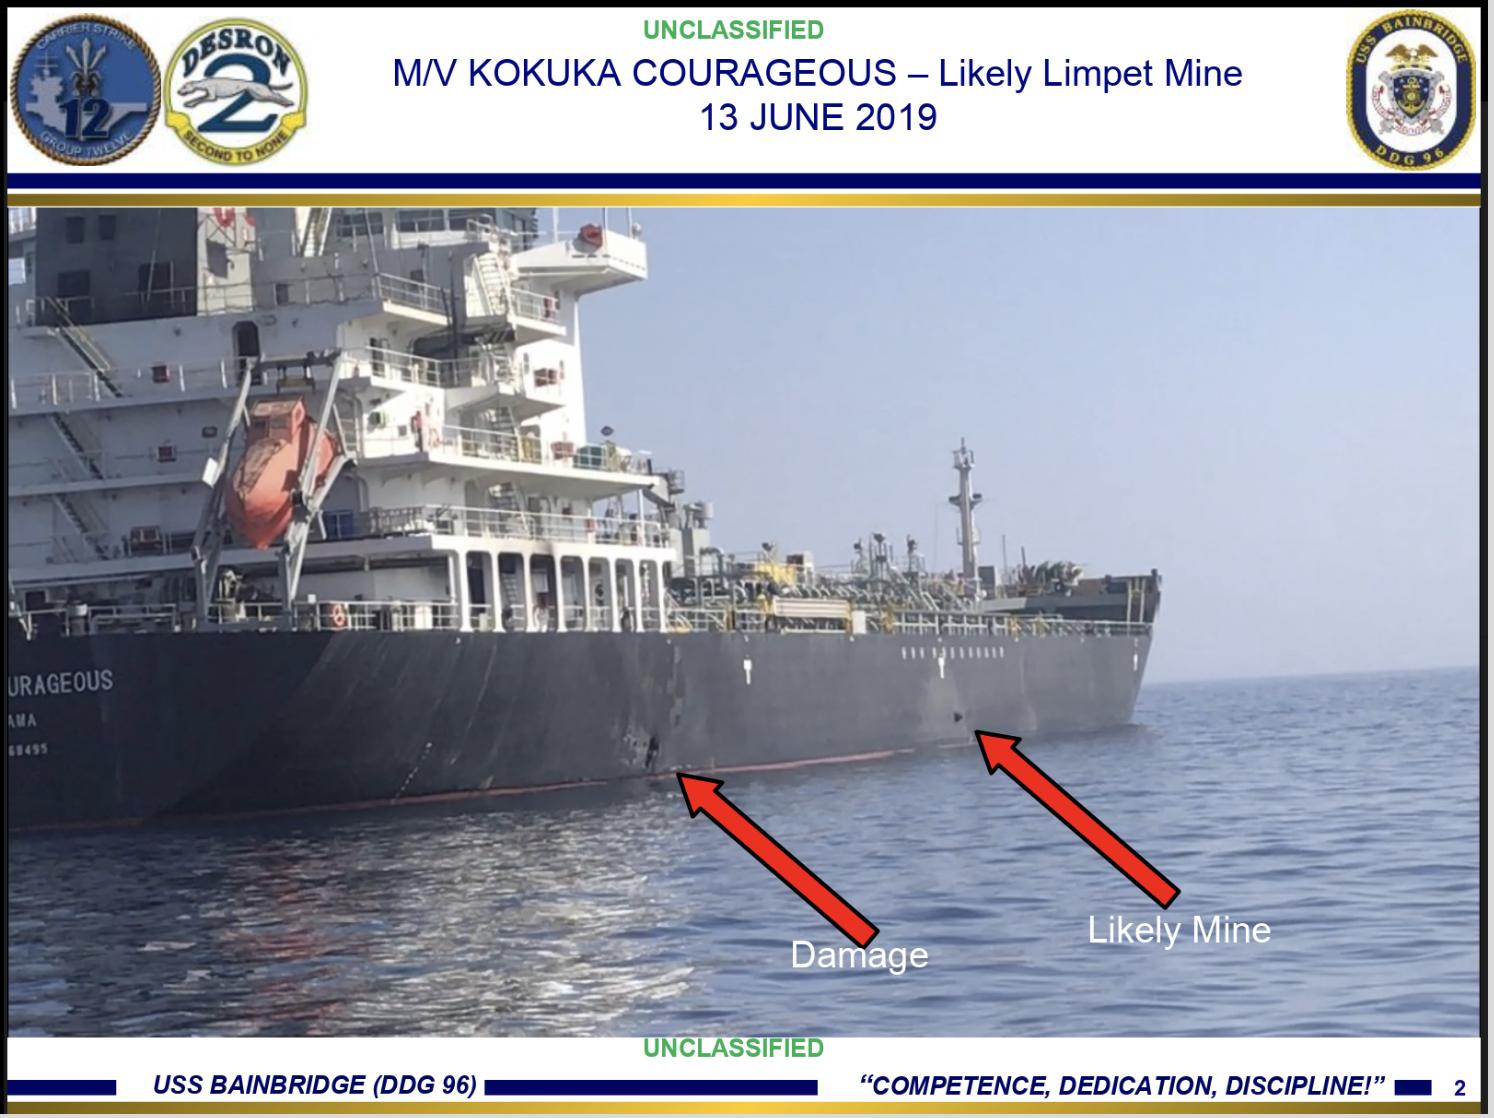 Повреждения танкера Kokuka Courageous. Фото US NAVY